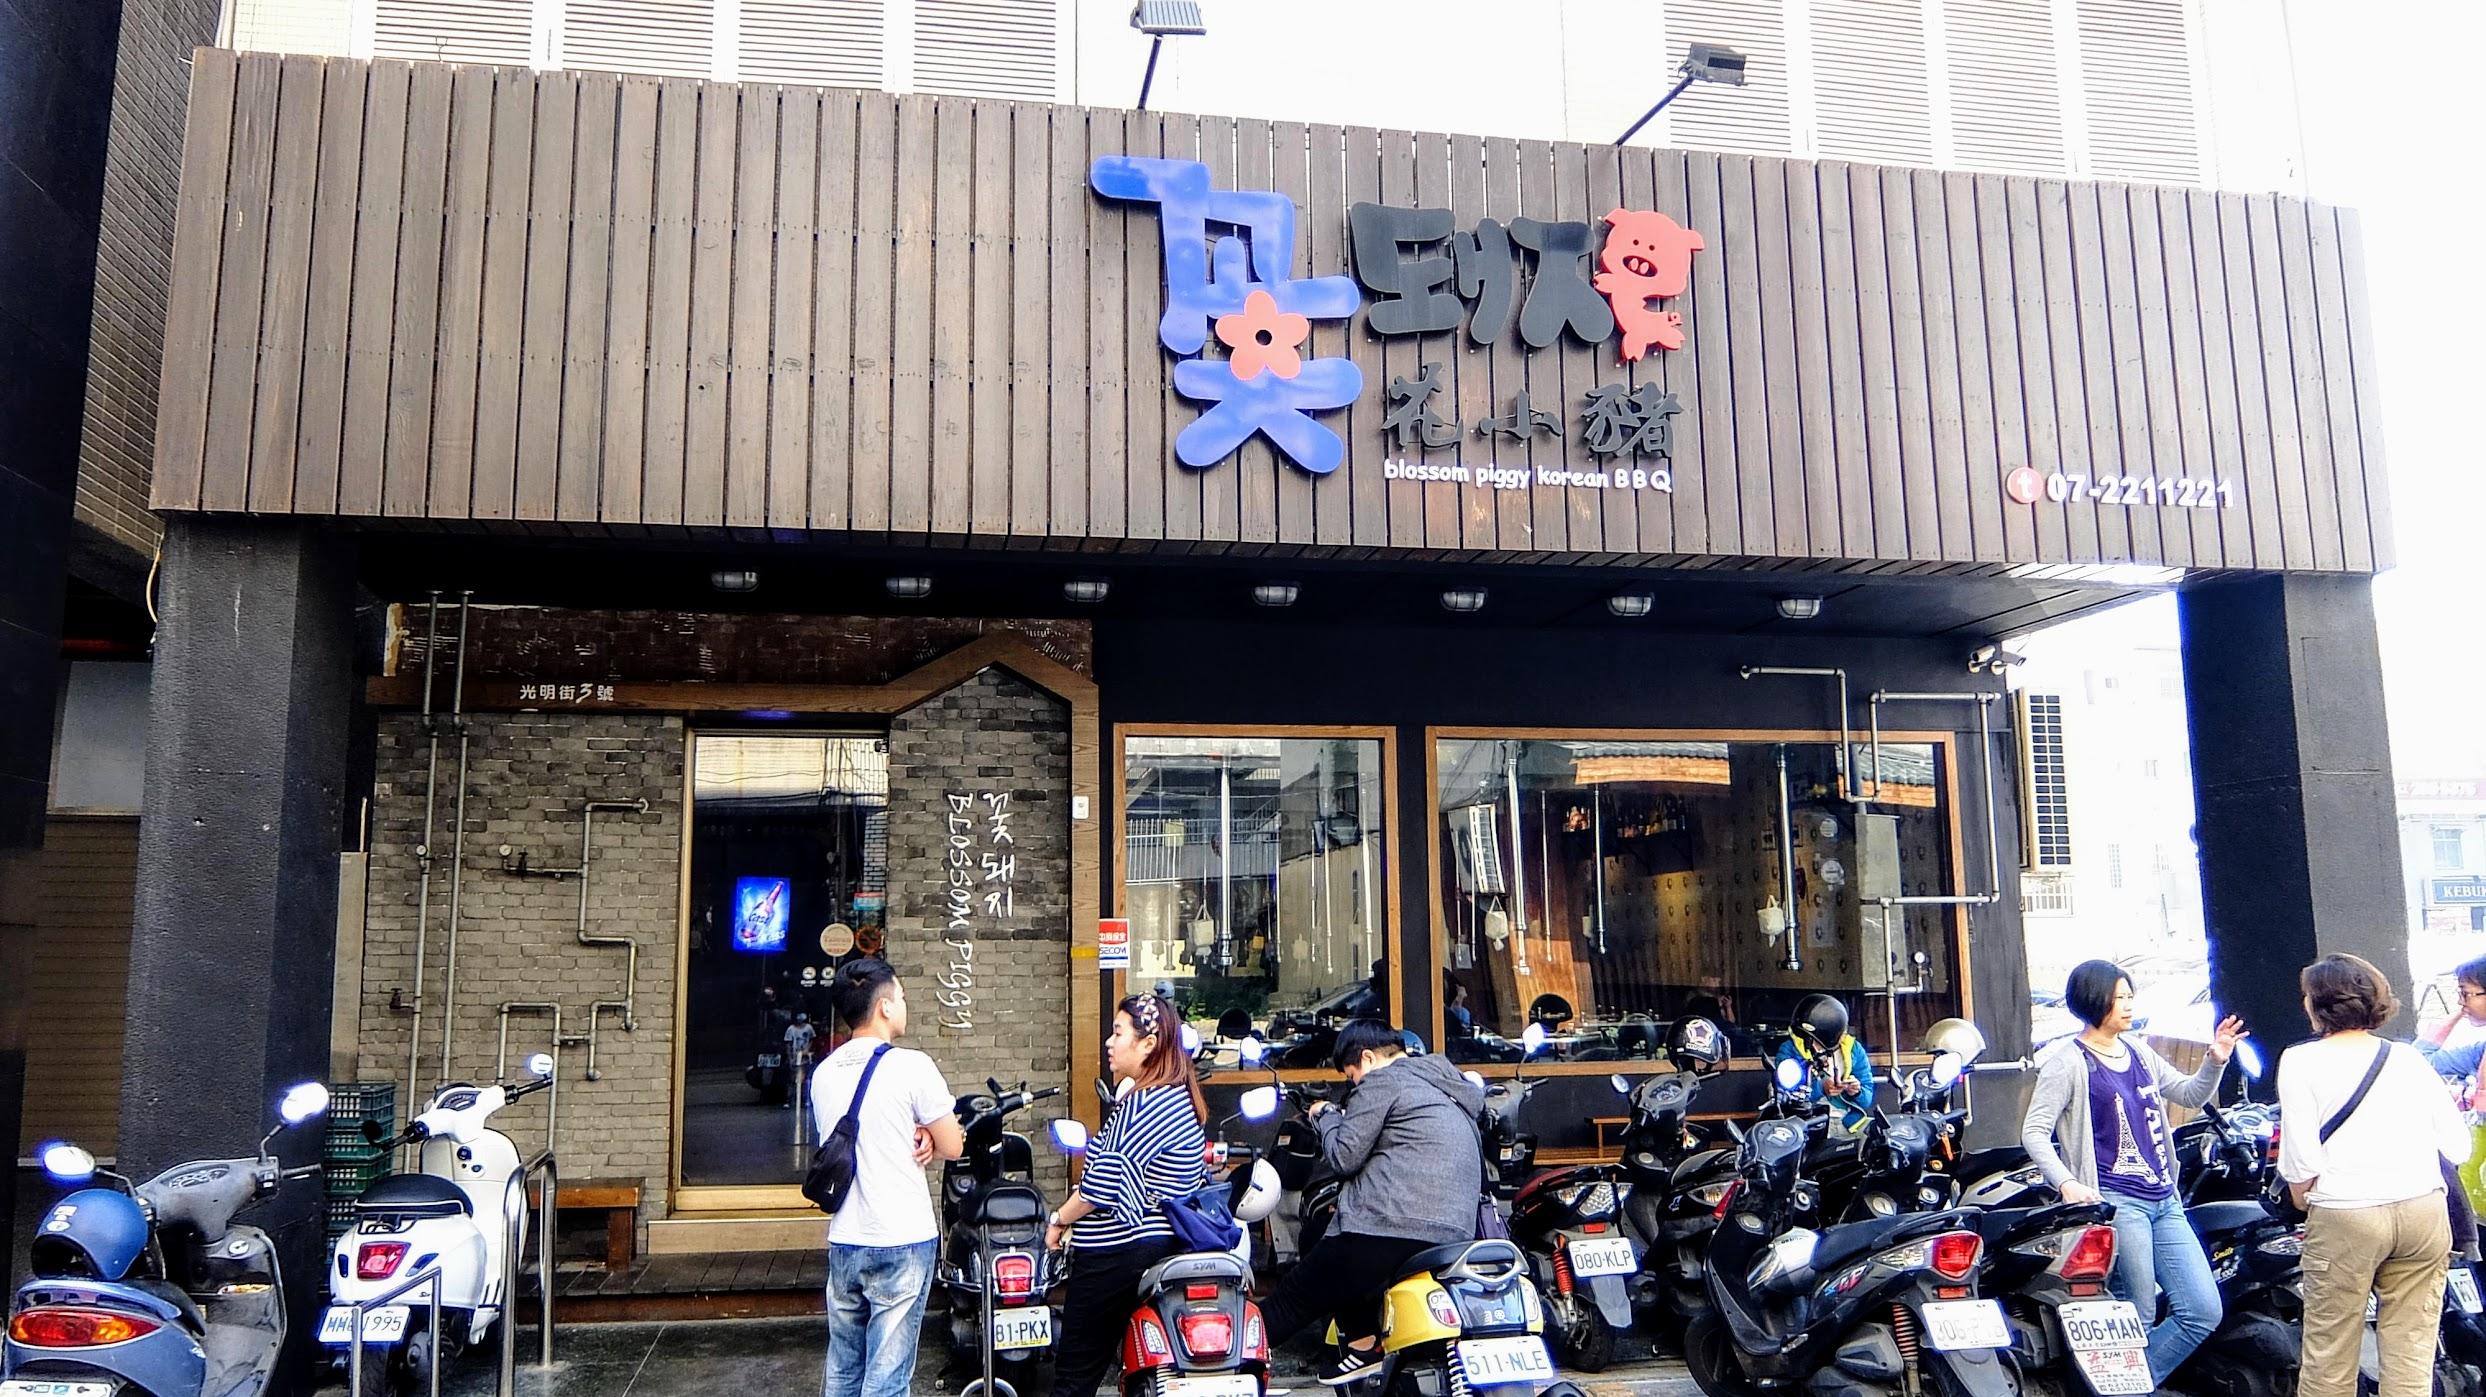 花小豬,是一家生意很好的韓國烤肉店,就在光明街上...